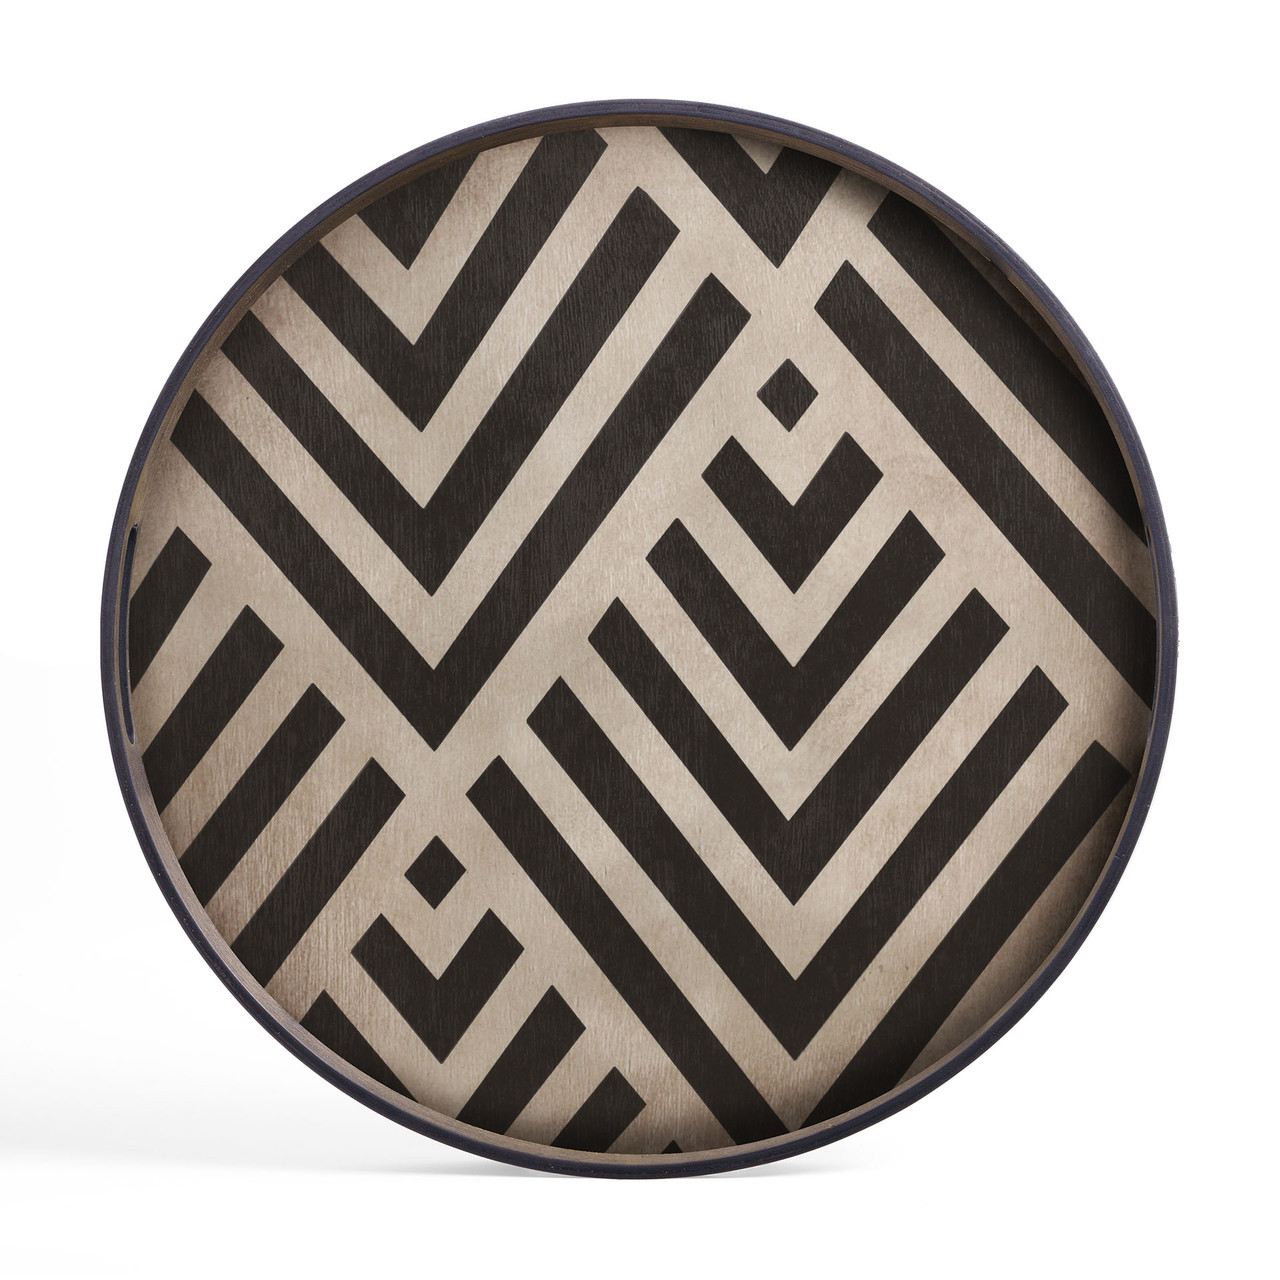 Graphite Chevron Round Dark Wooden Tray